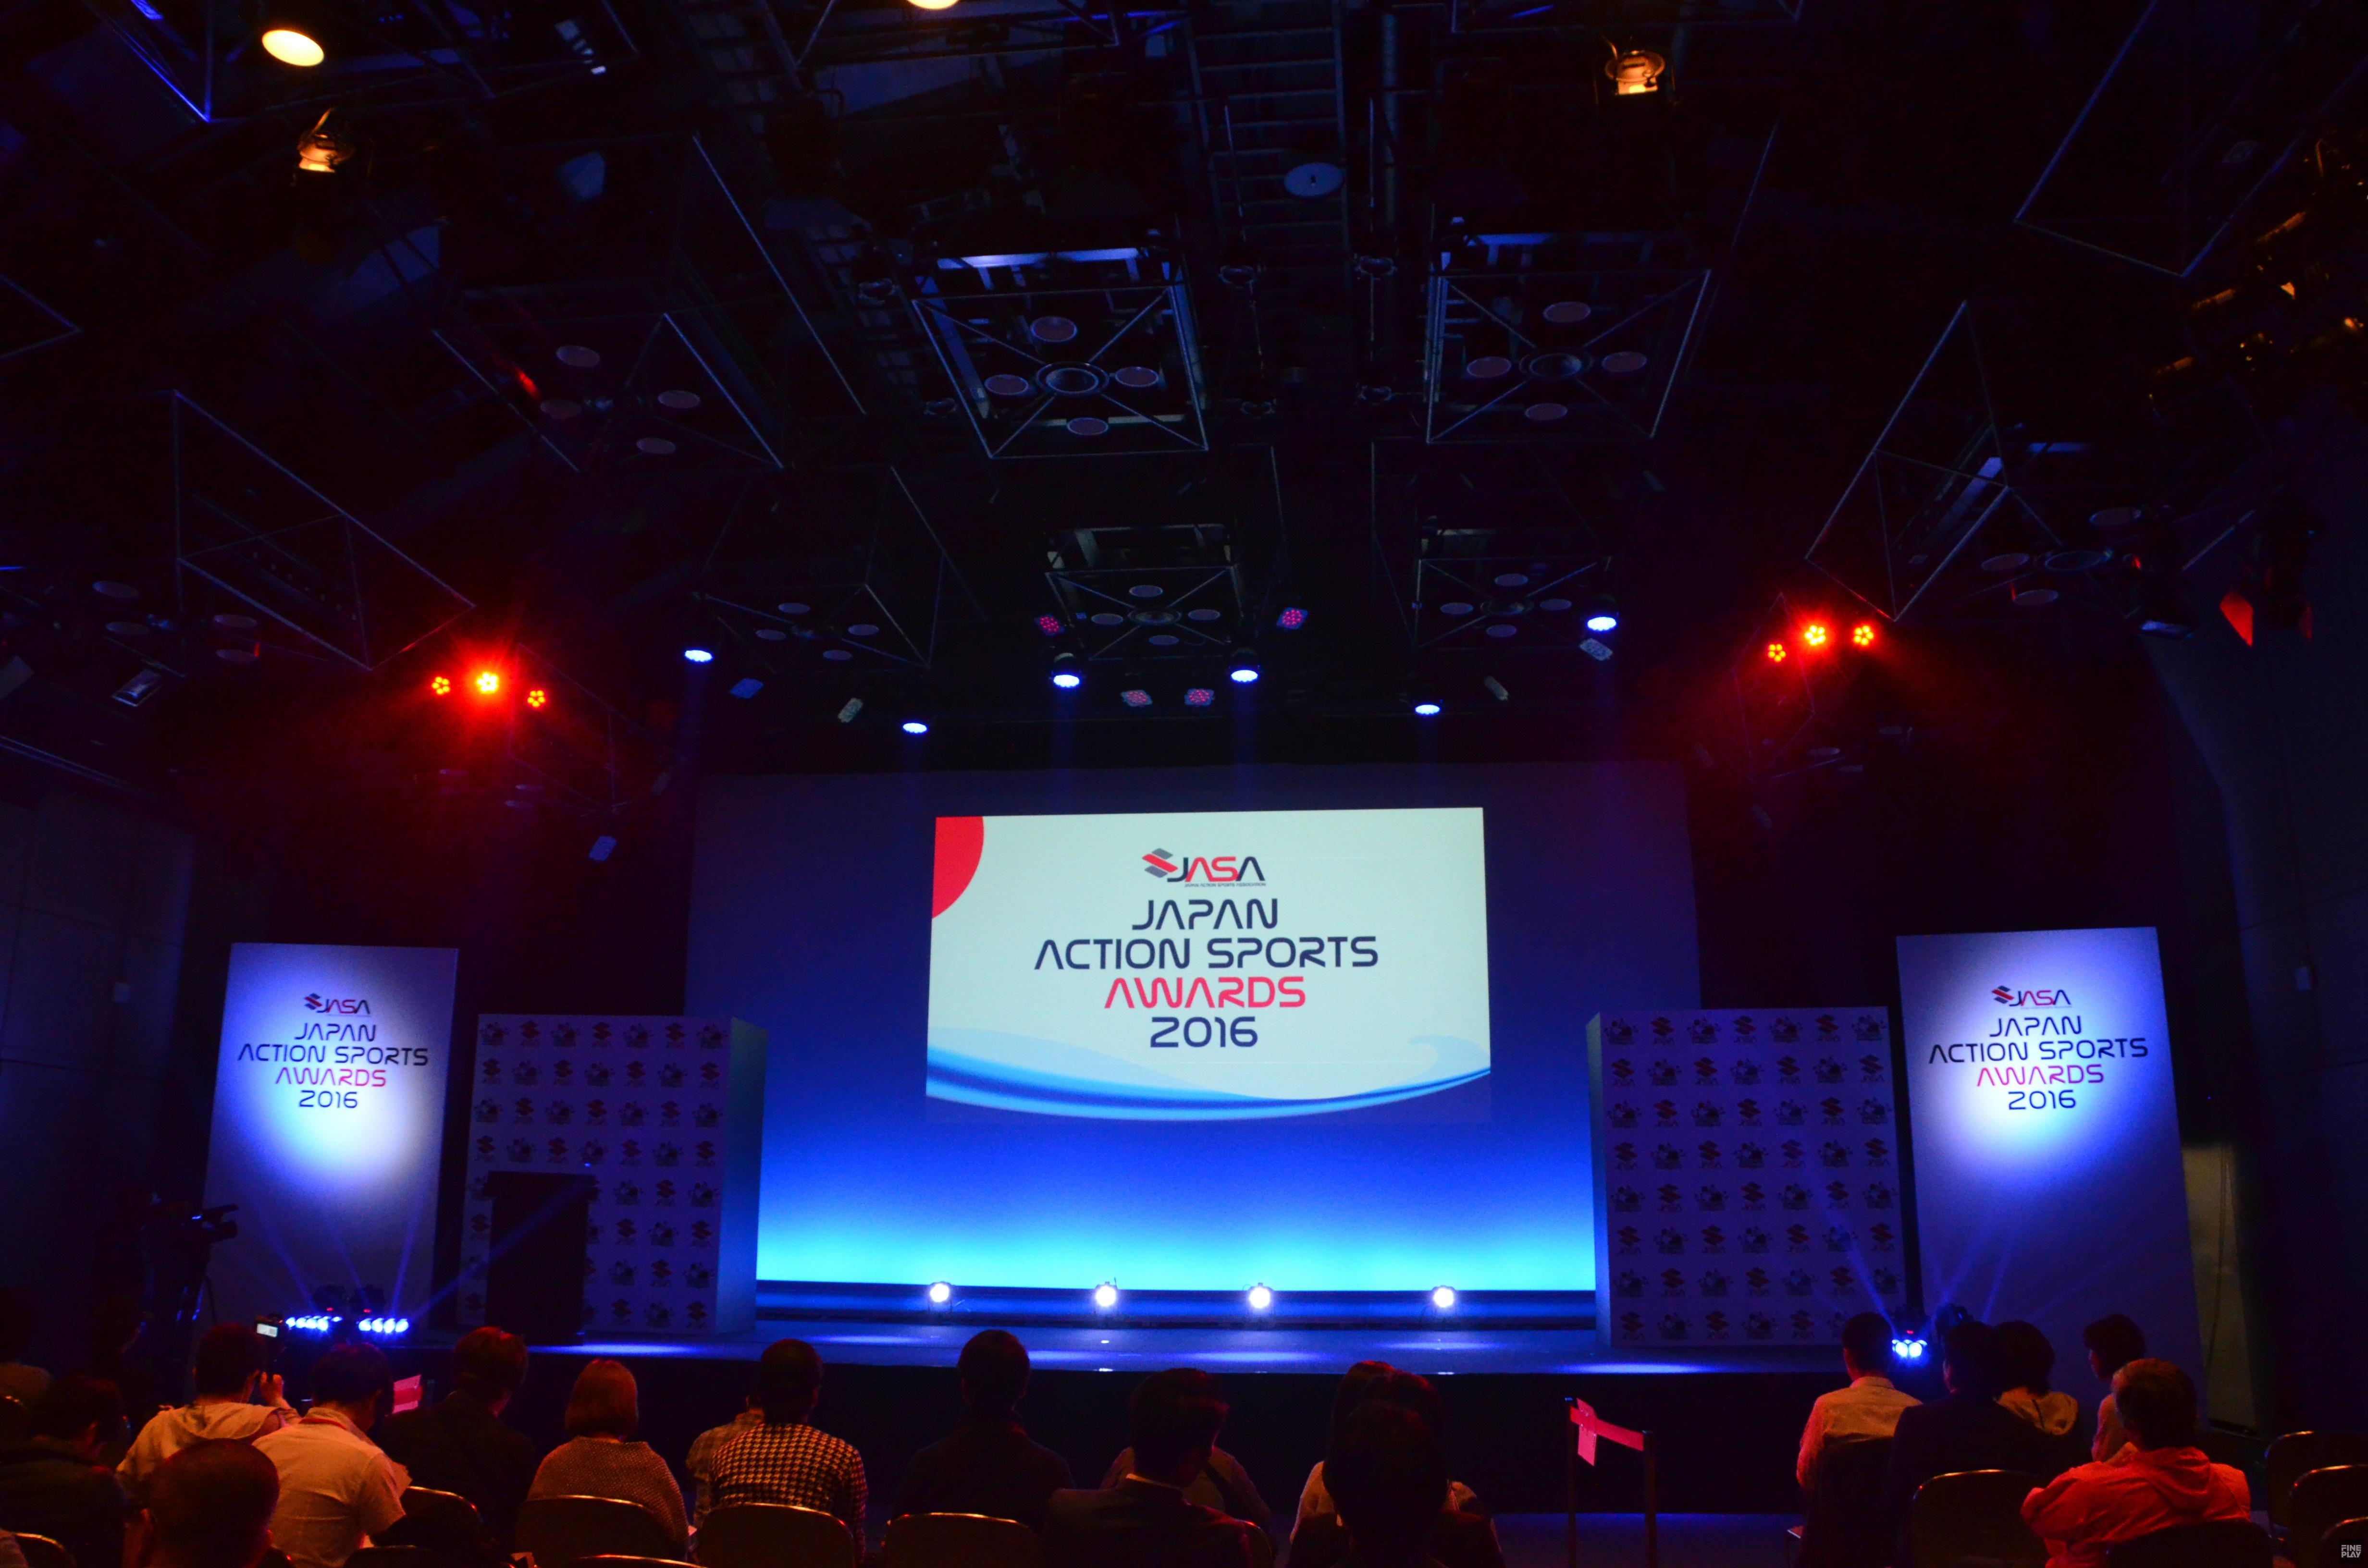 『JAPAN ACTION SPORTS AWARDS 2016』イベントレポート